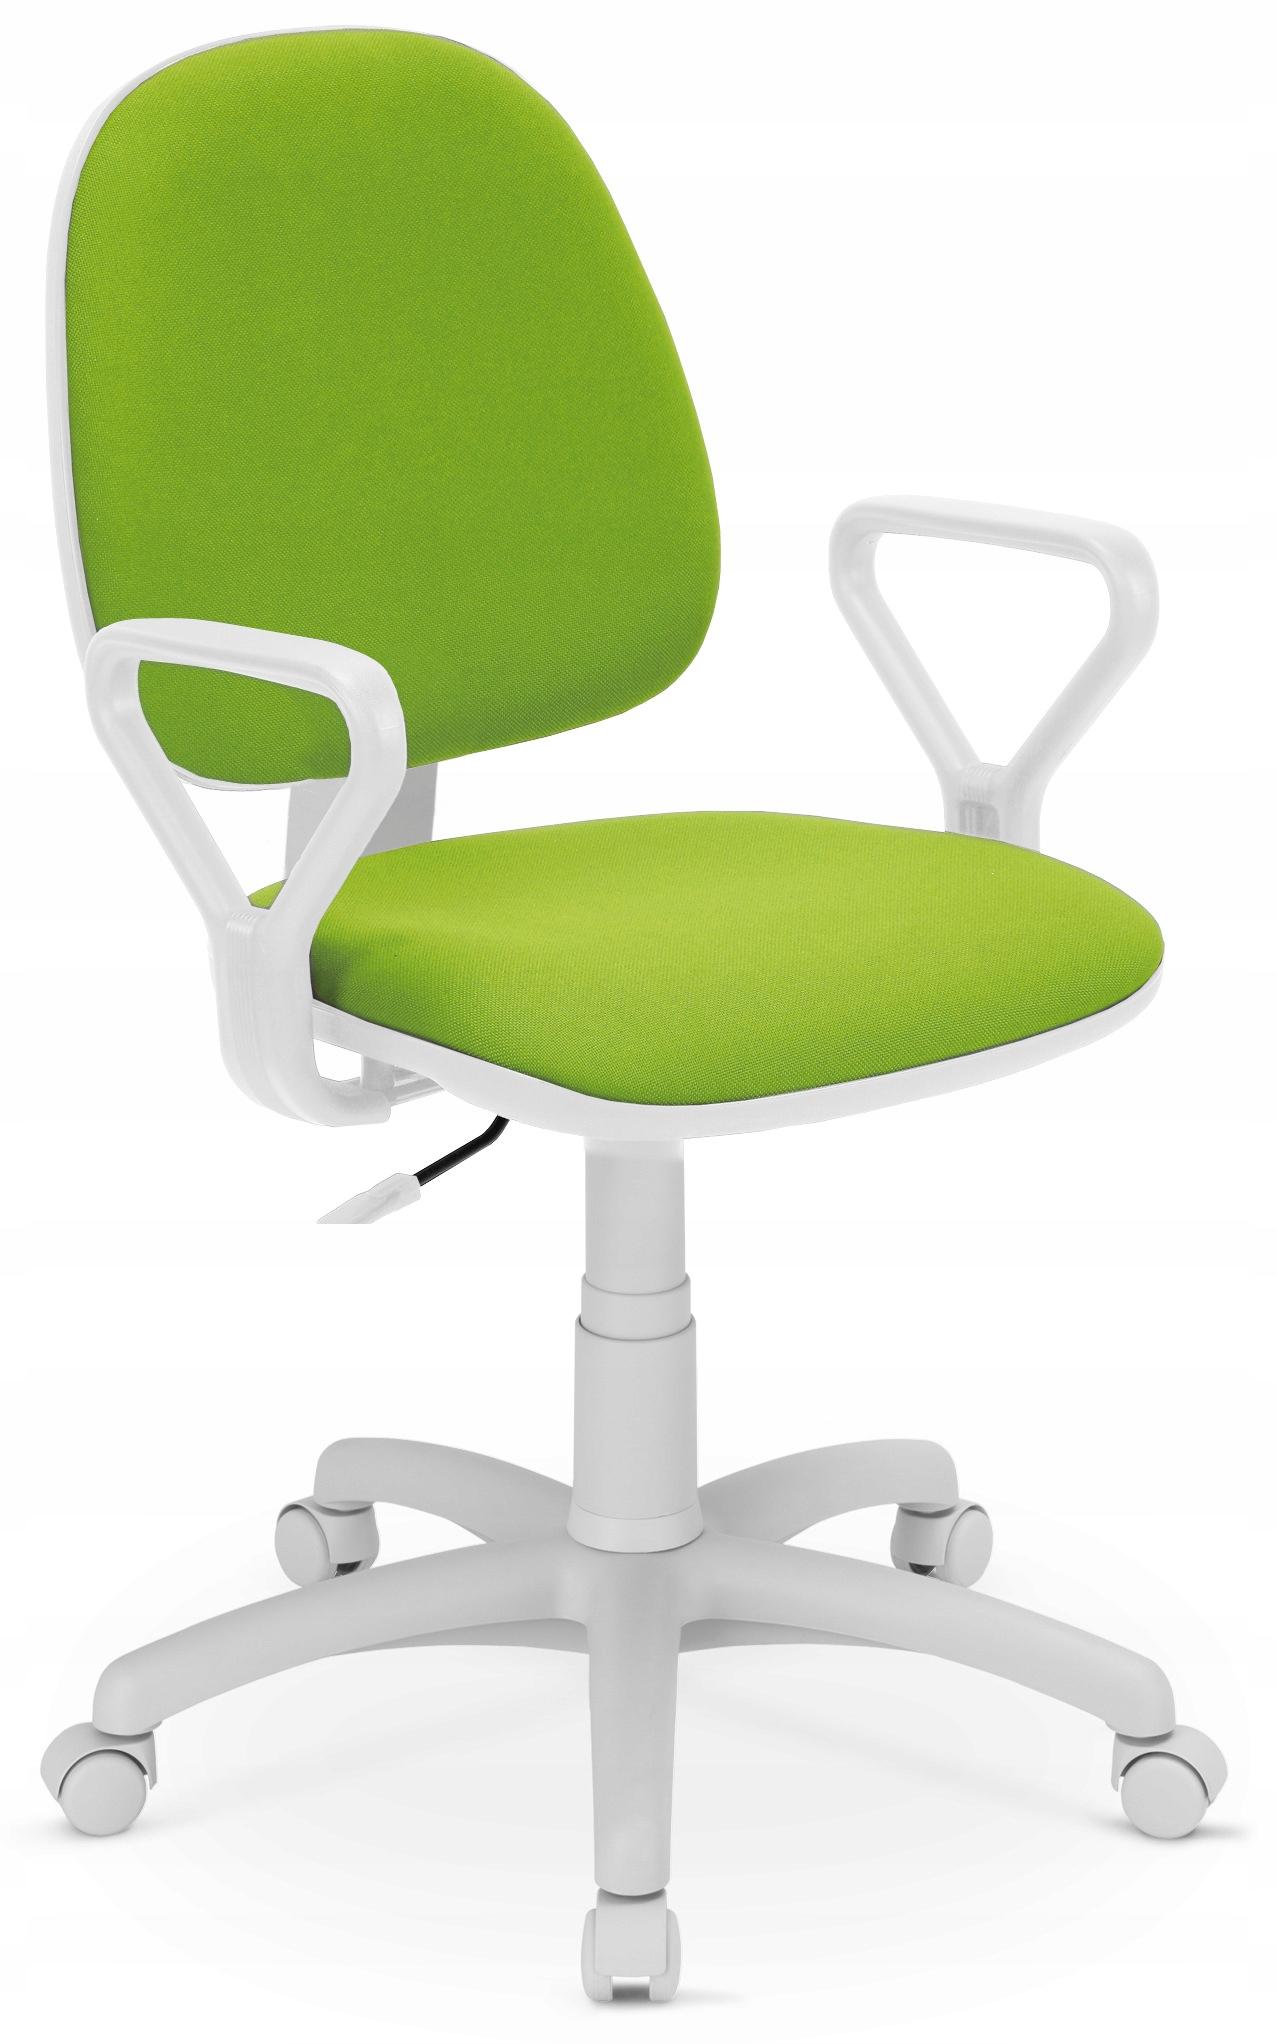 Kancelárska stolička otočná REGAL zelená Nový Štýl